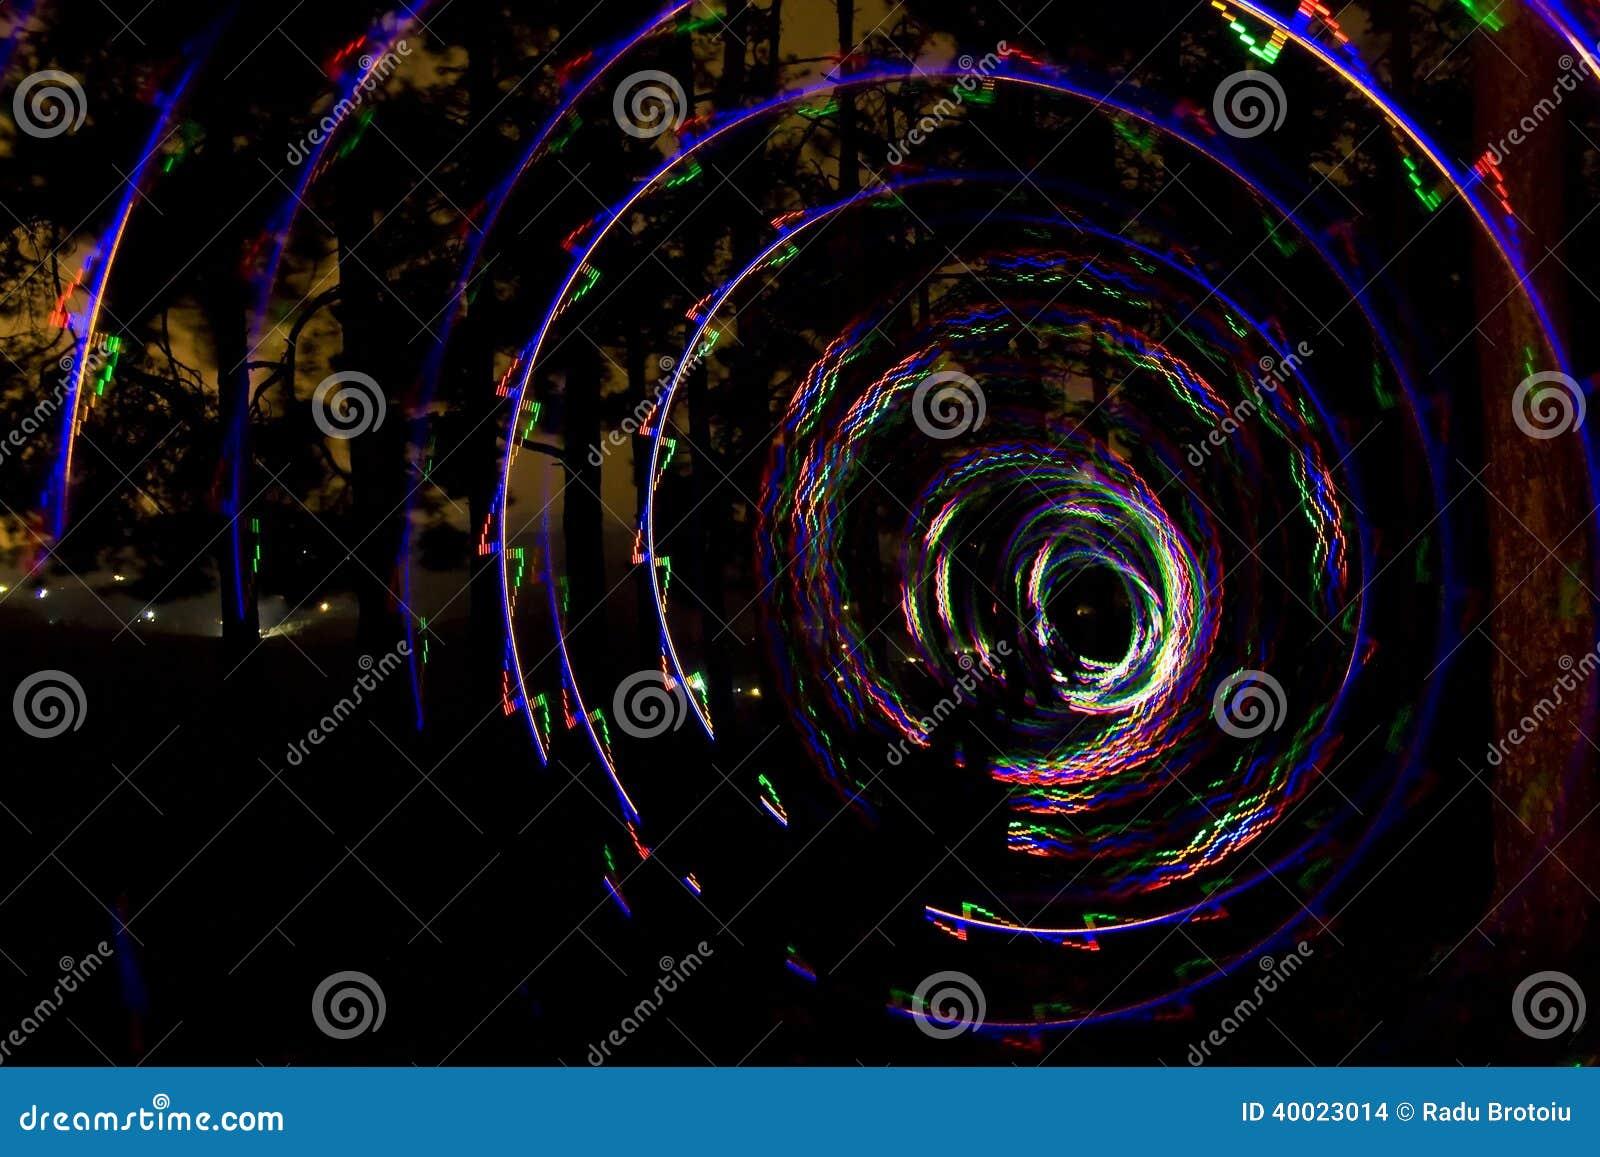 Spiral av ljus arkivfoto   bild: 40023014